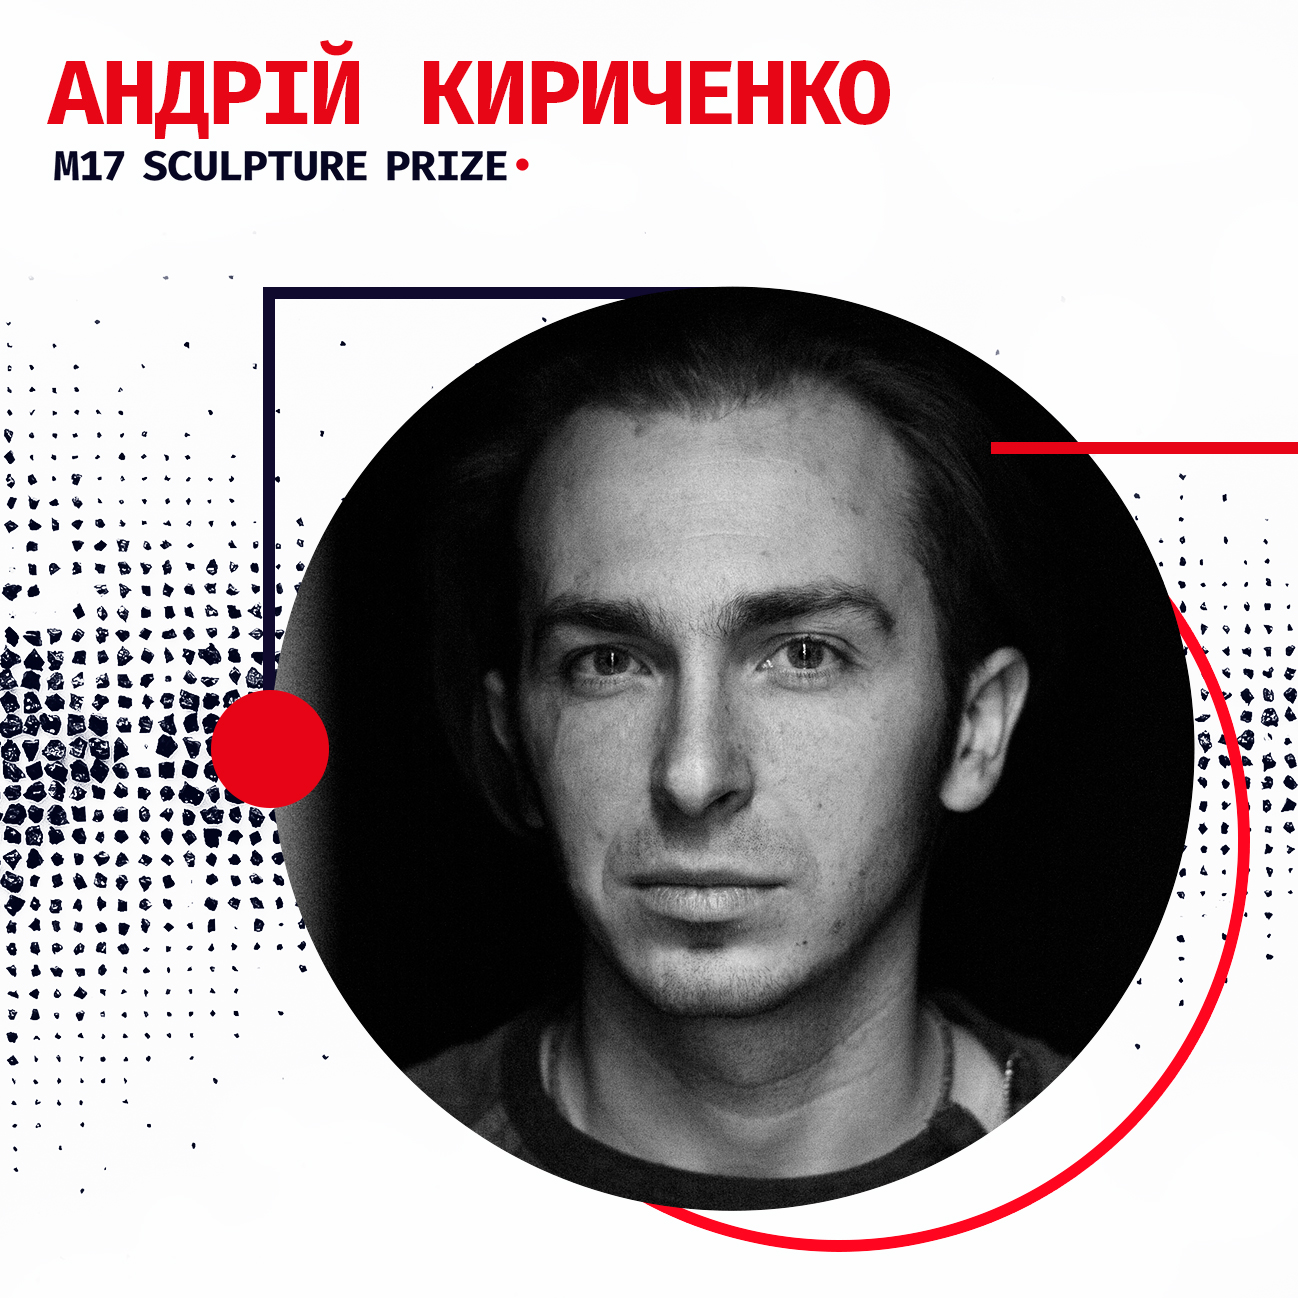 Номінанти M17 Sculpture Prize: Андрій Кириченко (Київ)